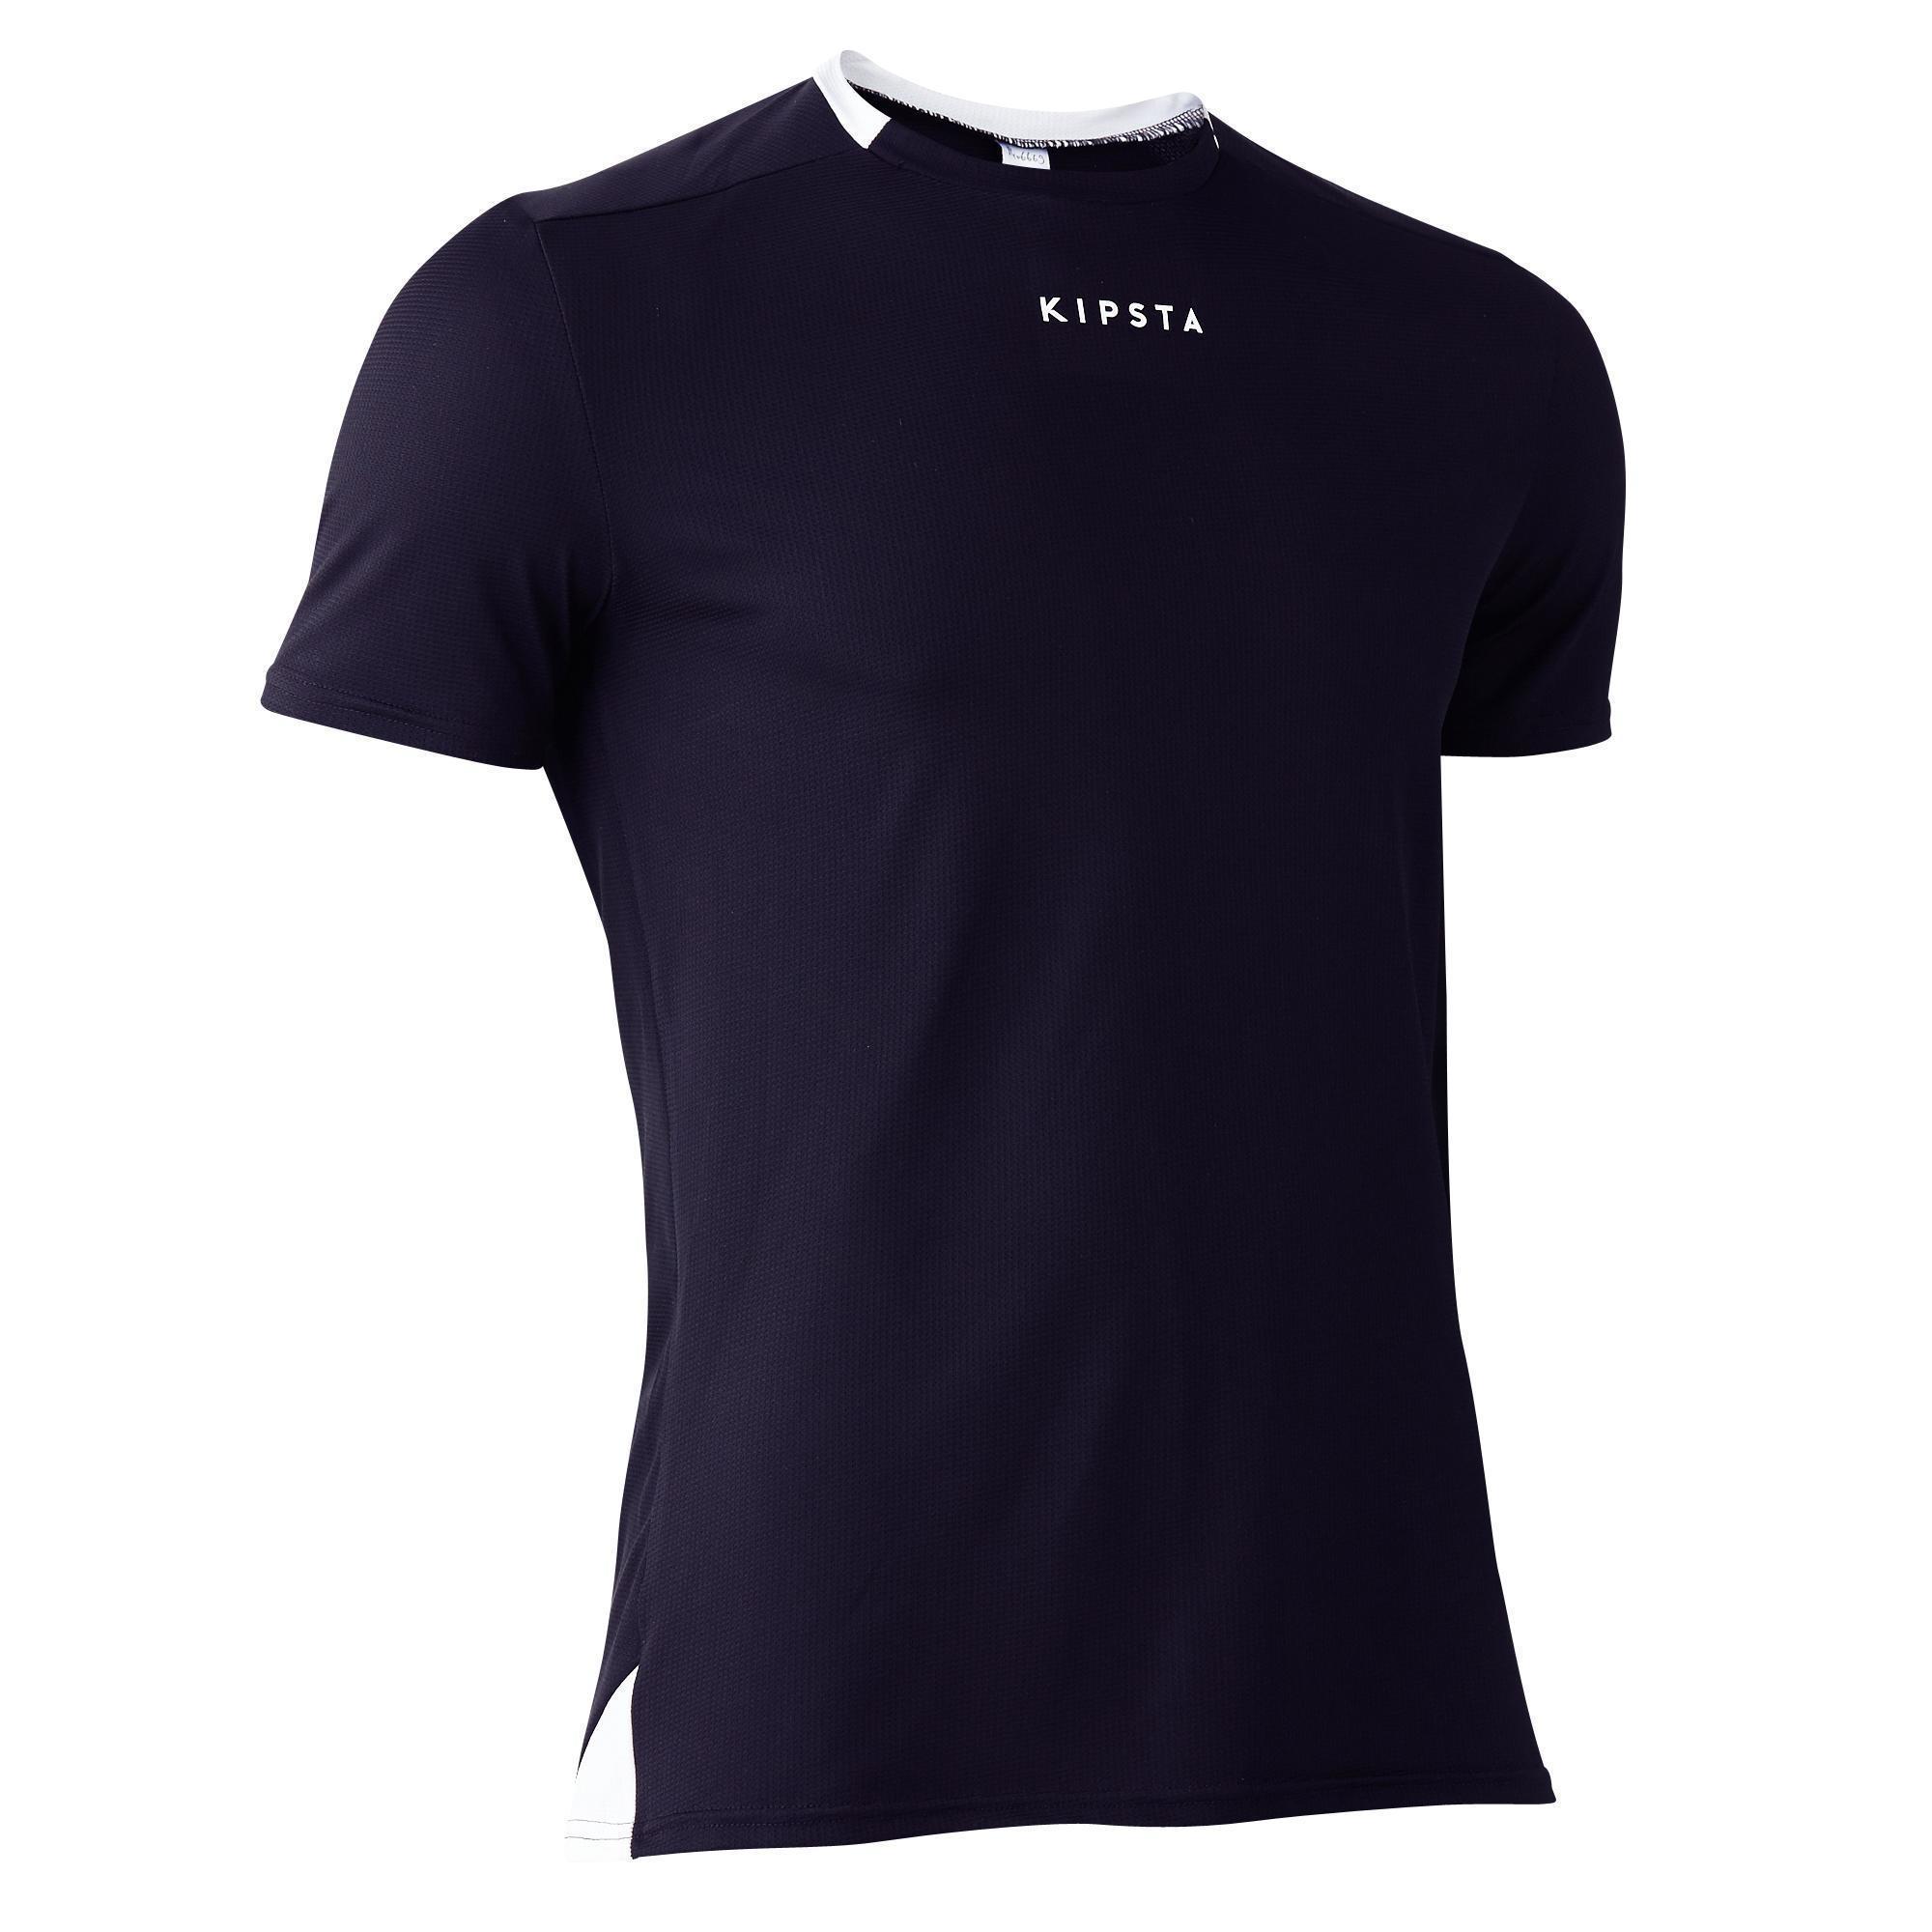 Kipsta Voetbalshirt F100 voor volwassenen zwart